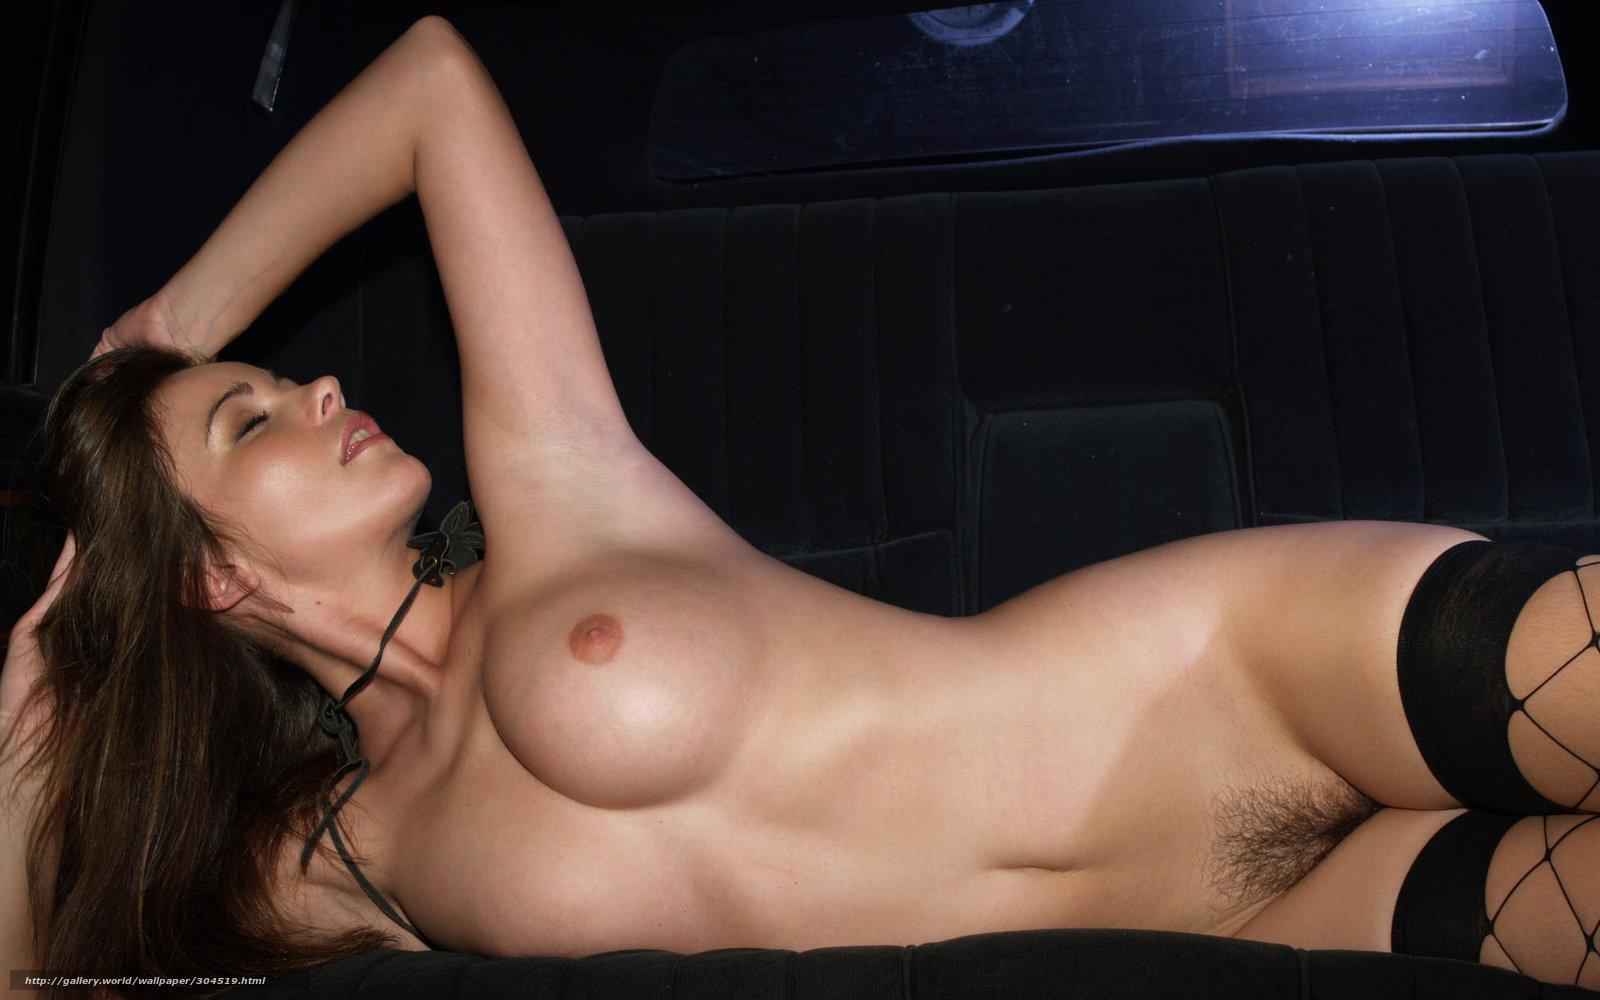 Чулки и колготки откровенно на голое тело 19 фотография